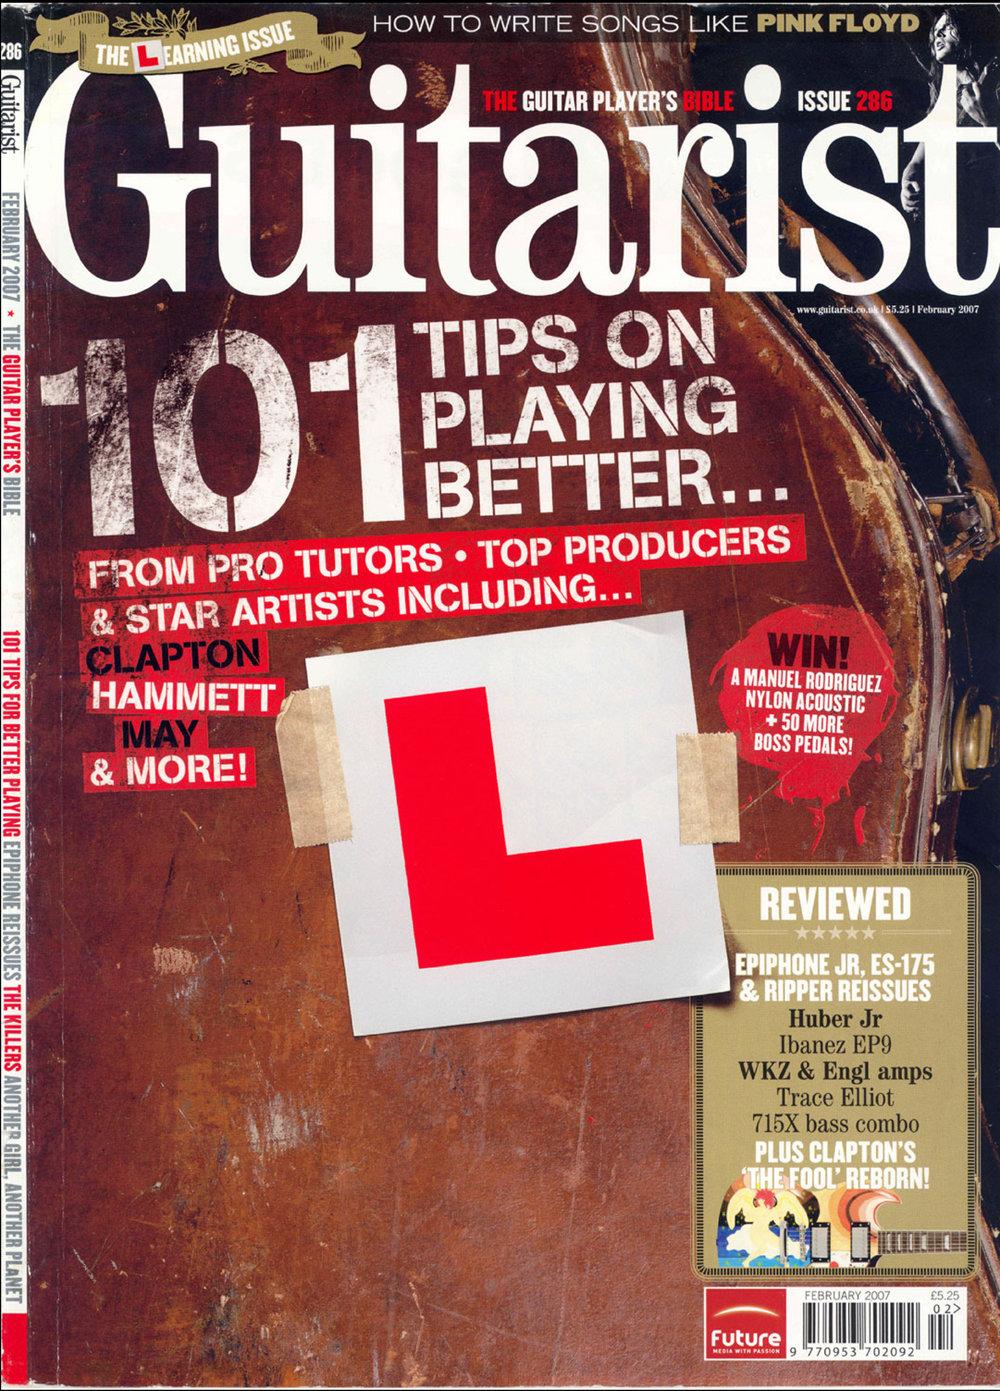 2007 Guitarist